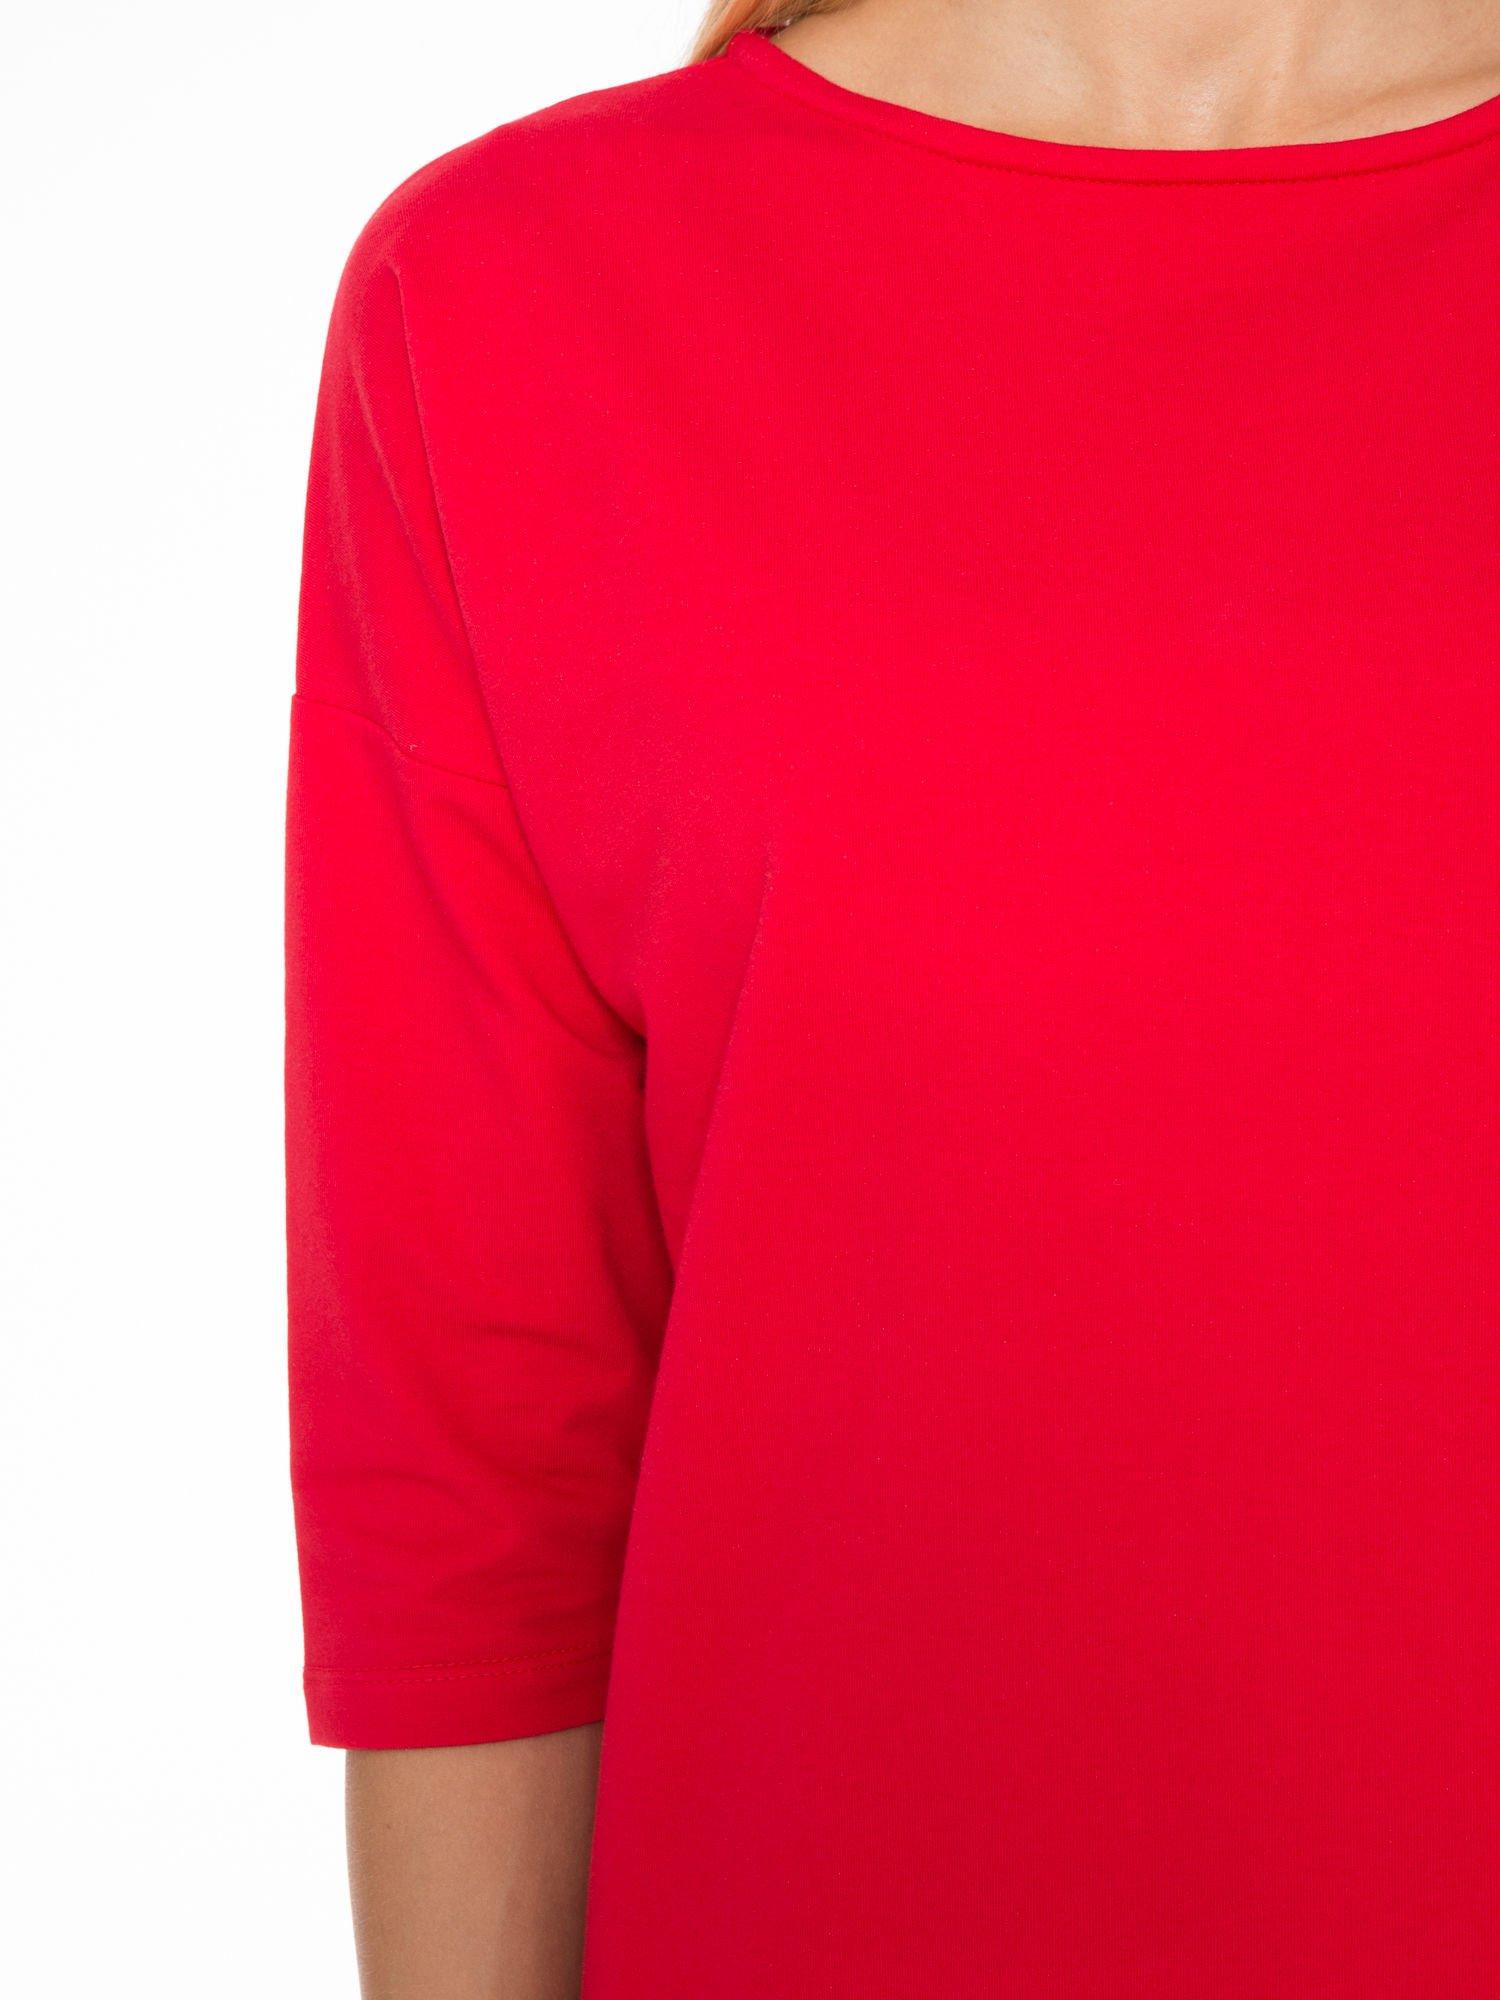 Ciemnoróżowa prosta sukienka z zamkiem z tyłu                                  zdj.                                  5